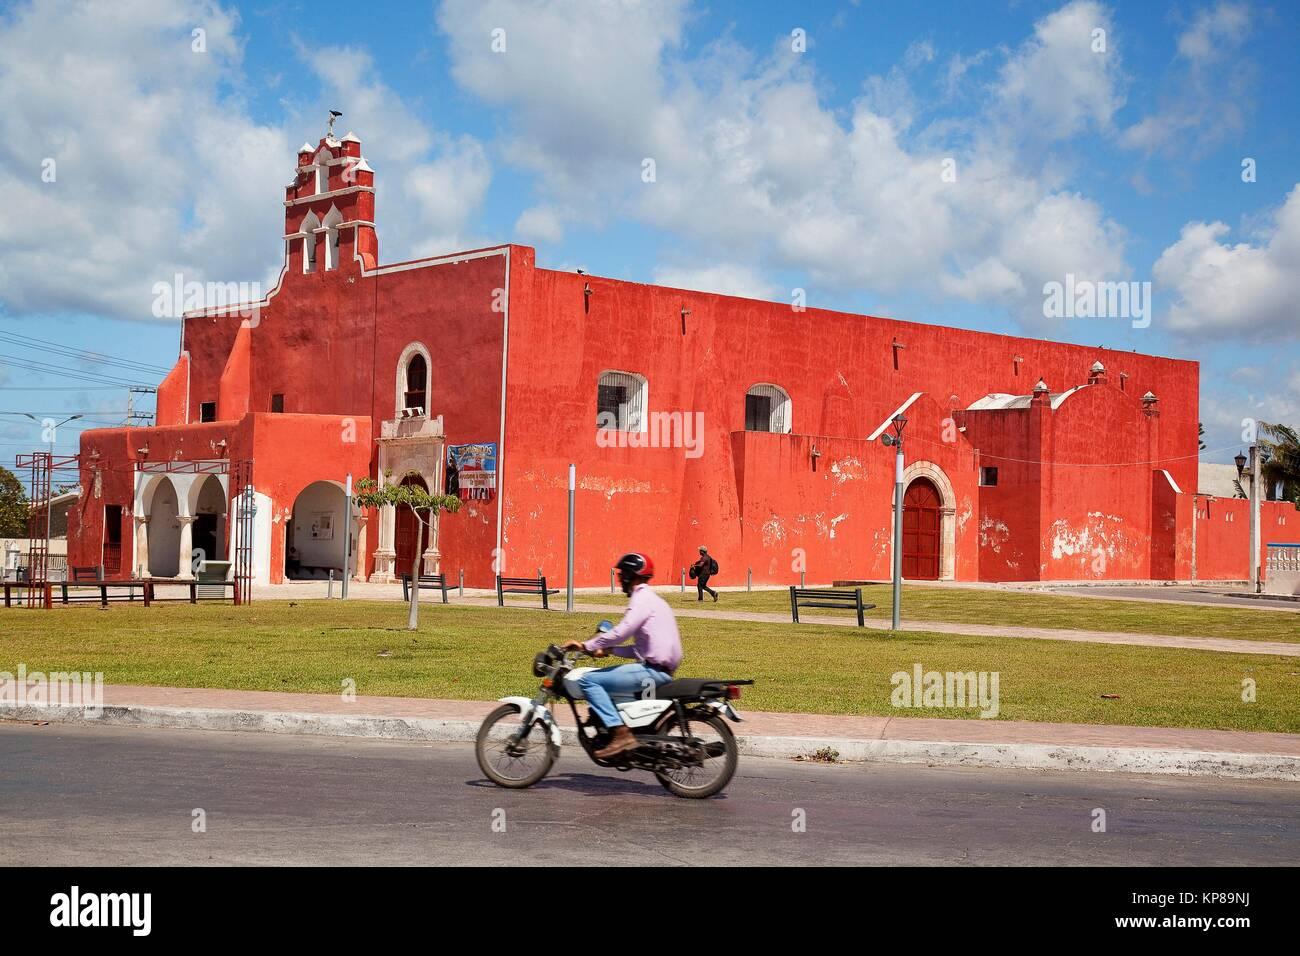 Travel Campeche Stockfotos & Travel Campeche Bilder - Seite 2 - Alamy